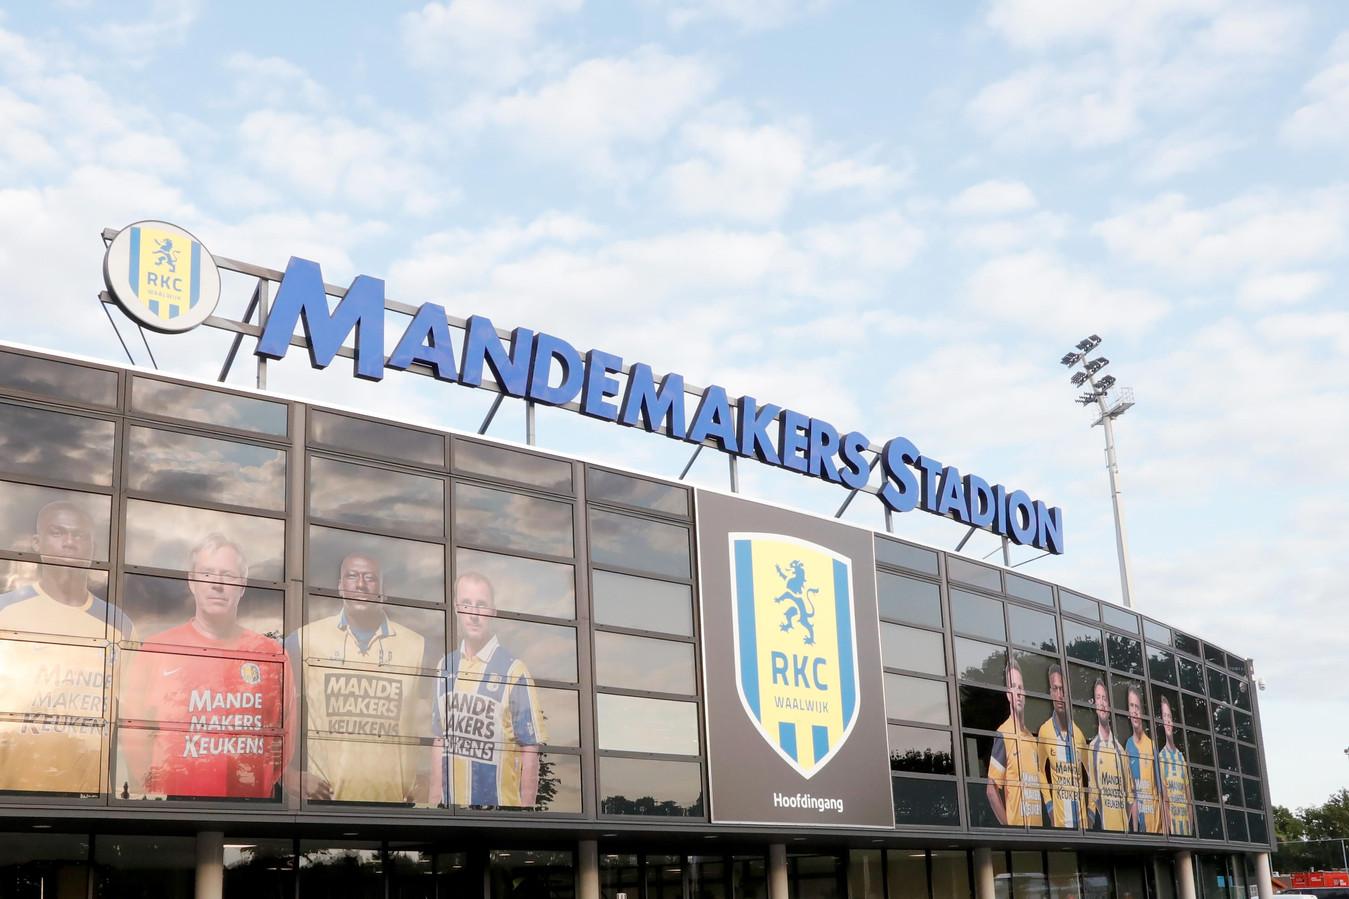 RKC Waalwijk zag het aantal verkochte seizoenkaarten in een paar dagen tijd met bijna 400 toenemen.